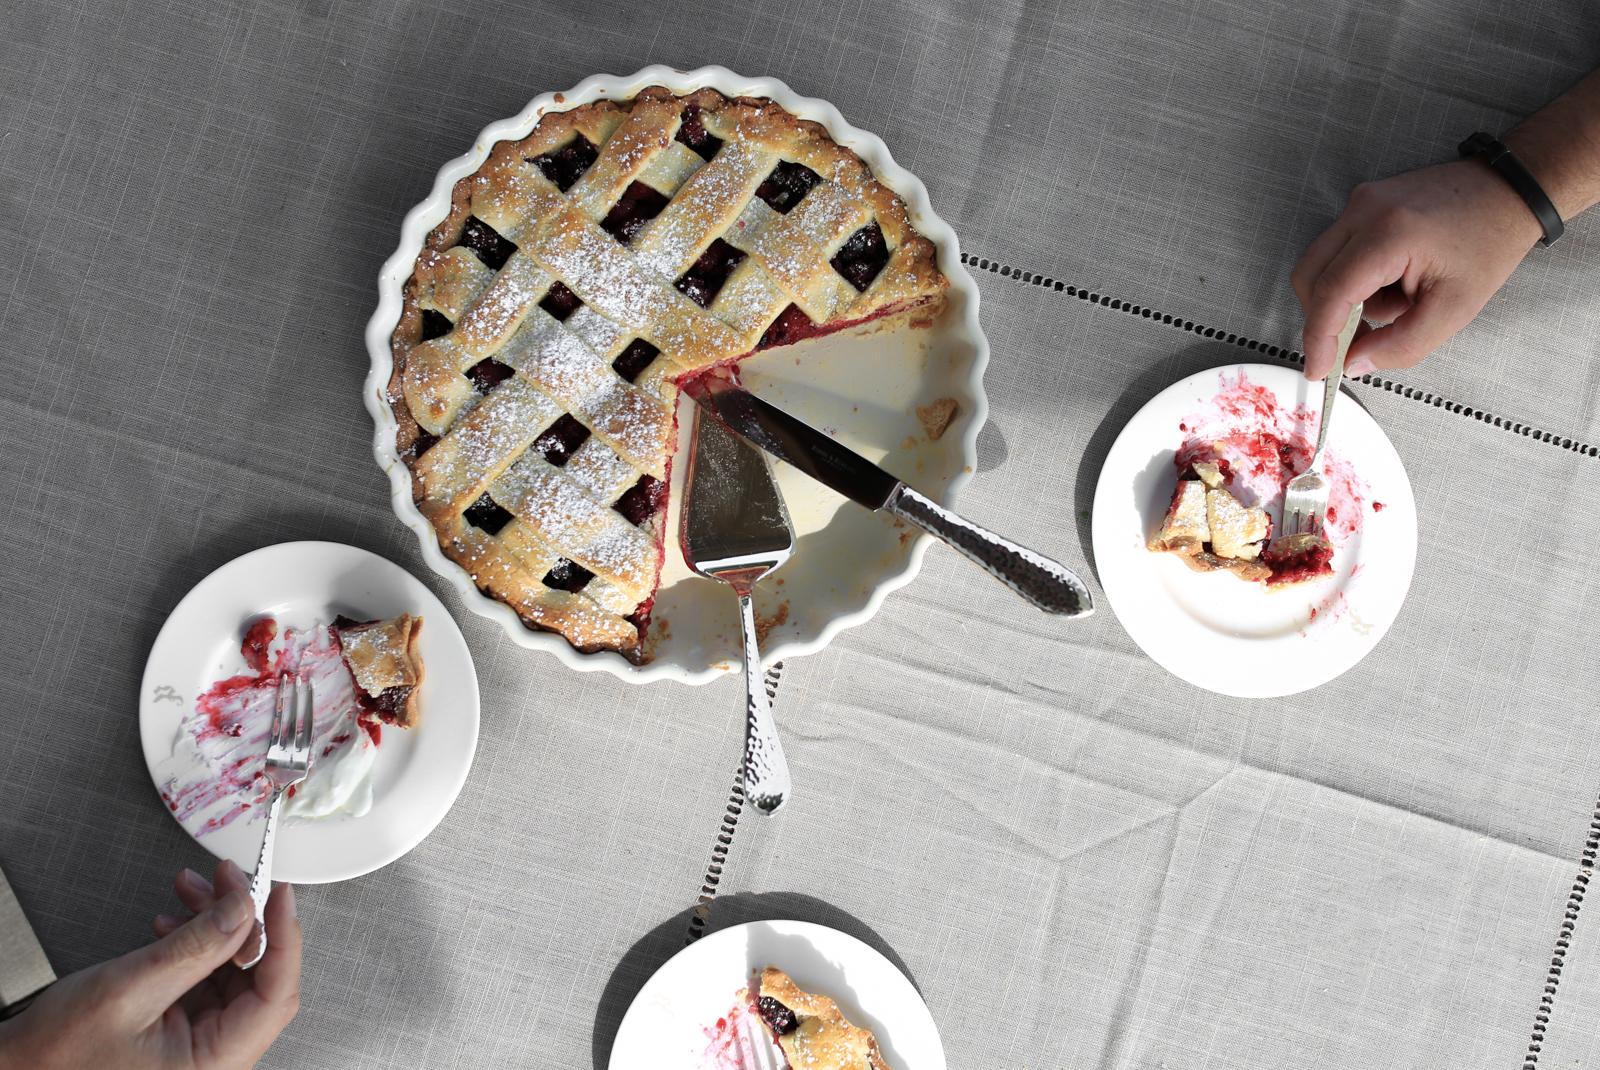 Pie for dessert